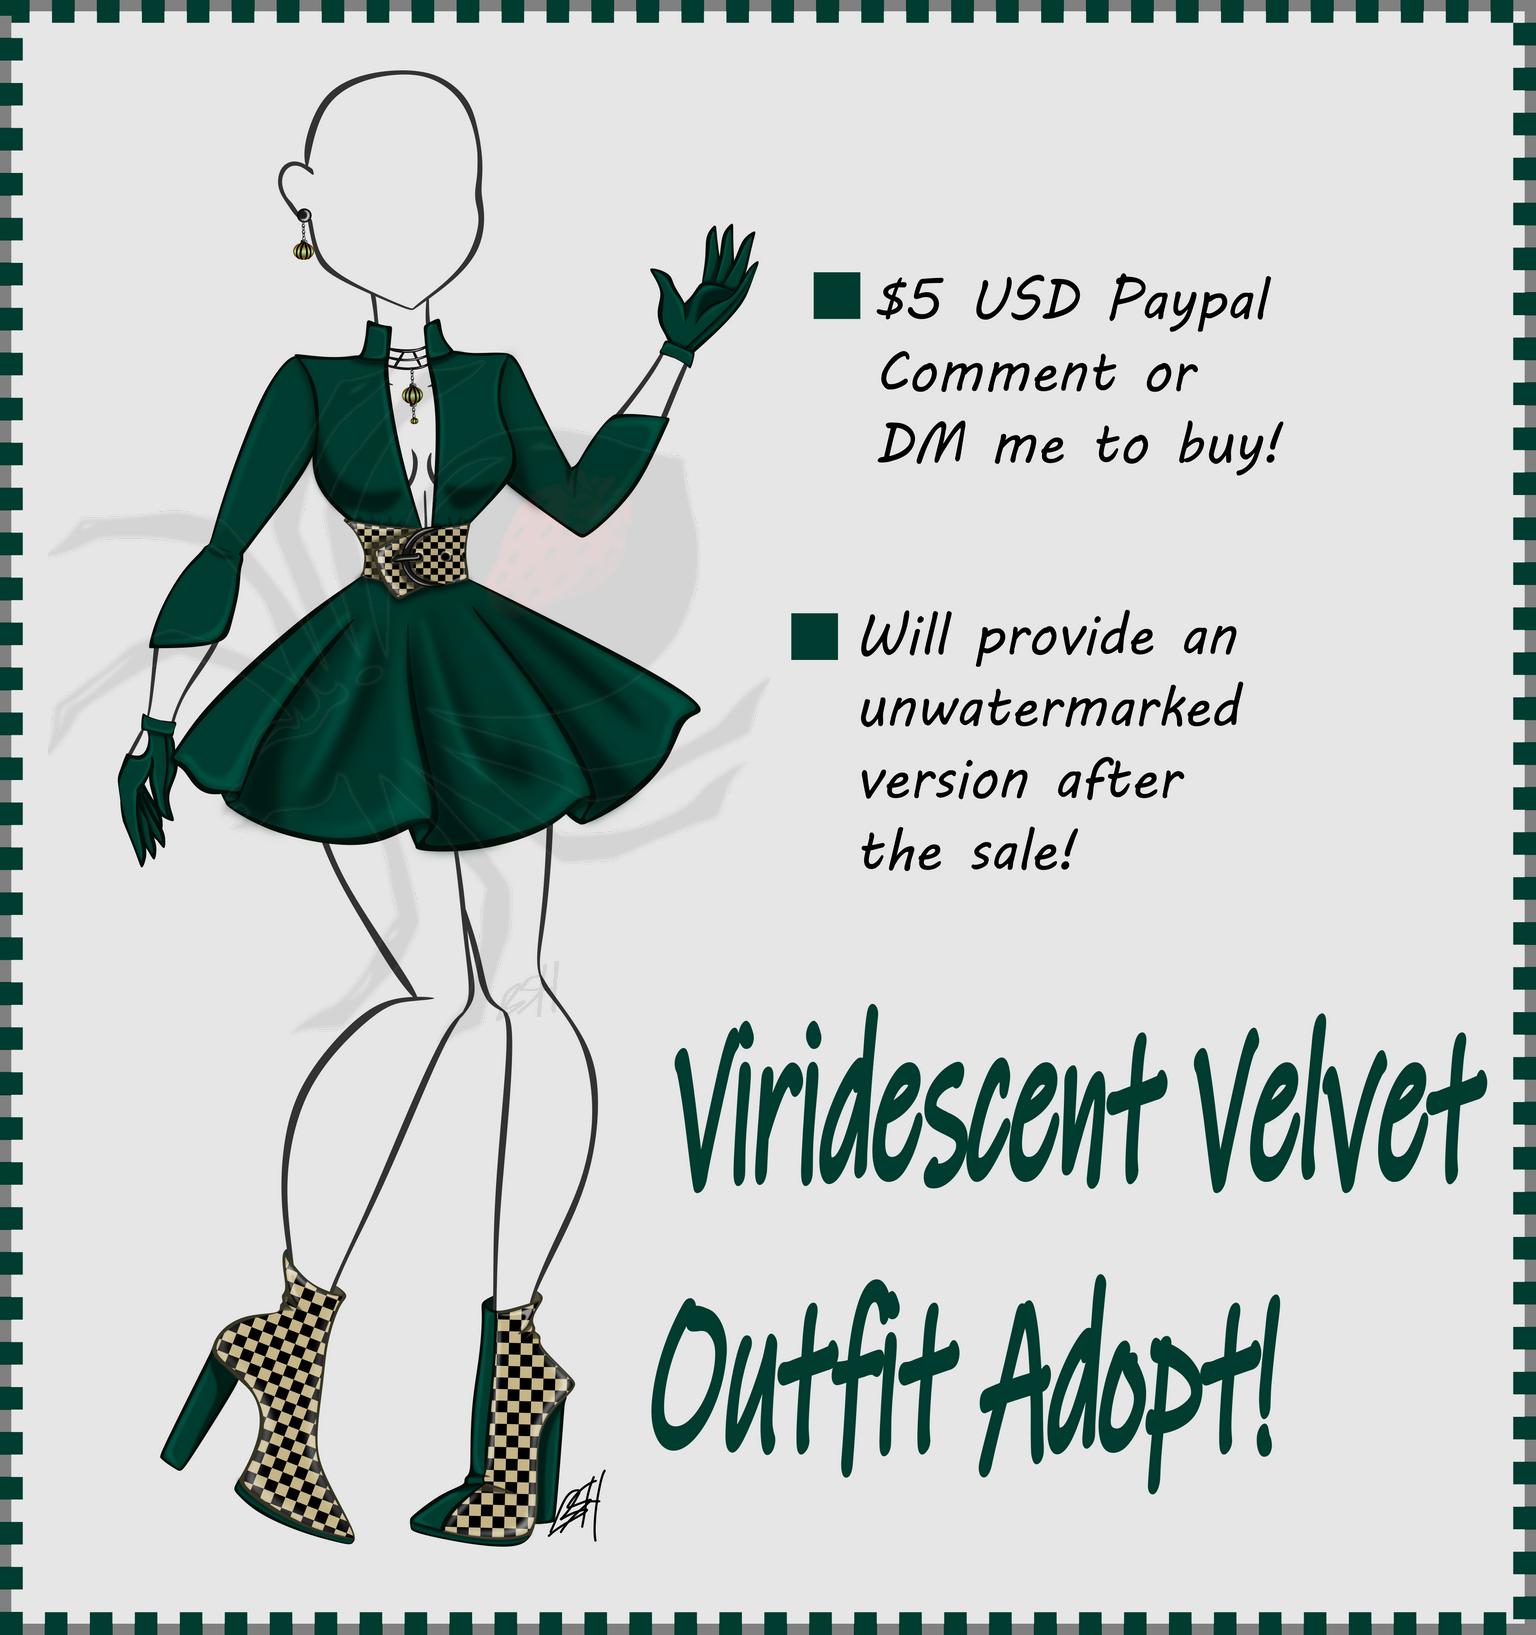 Viridescent Velvet Outfit,$5